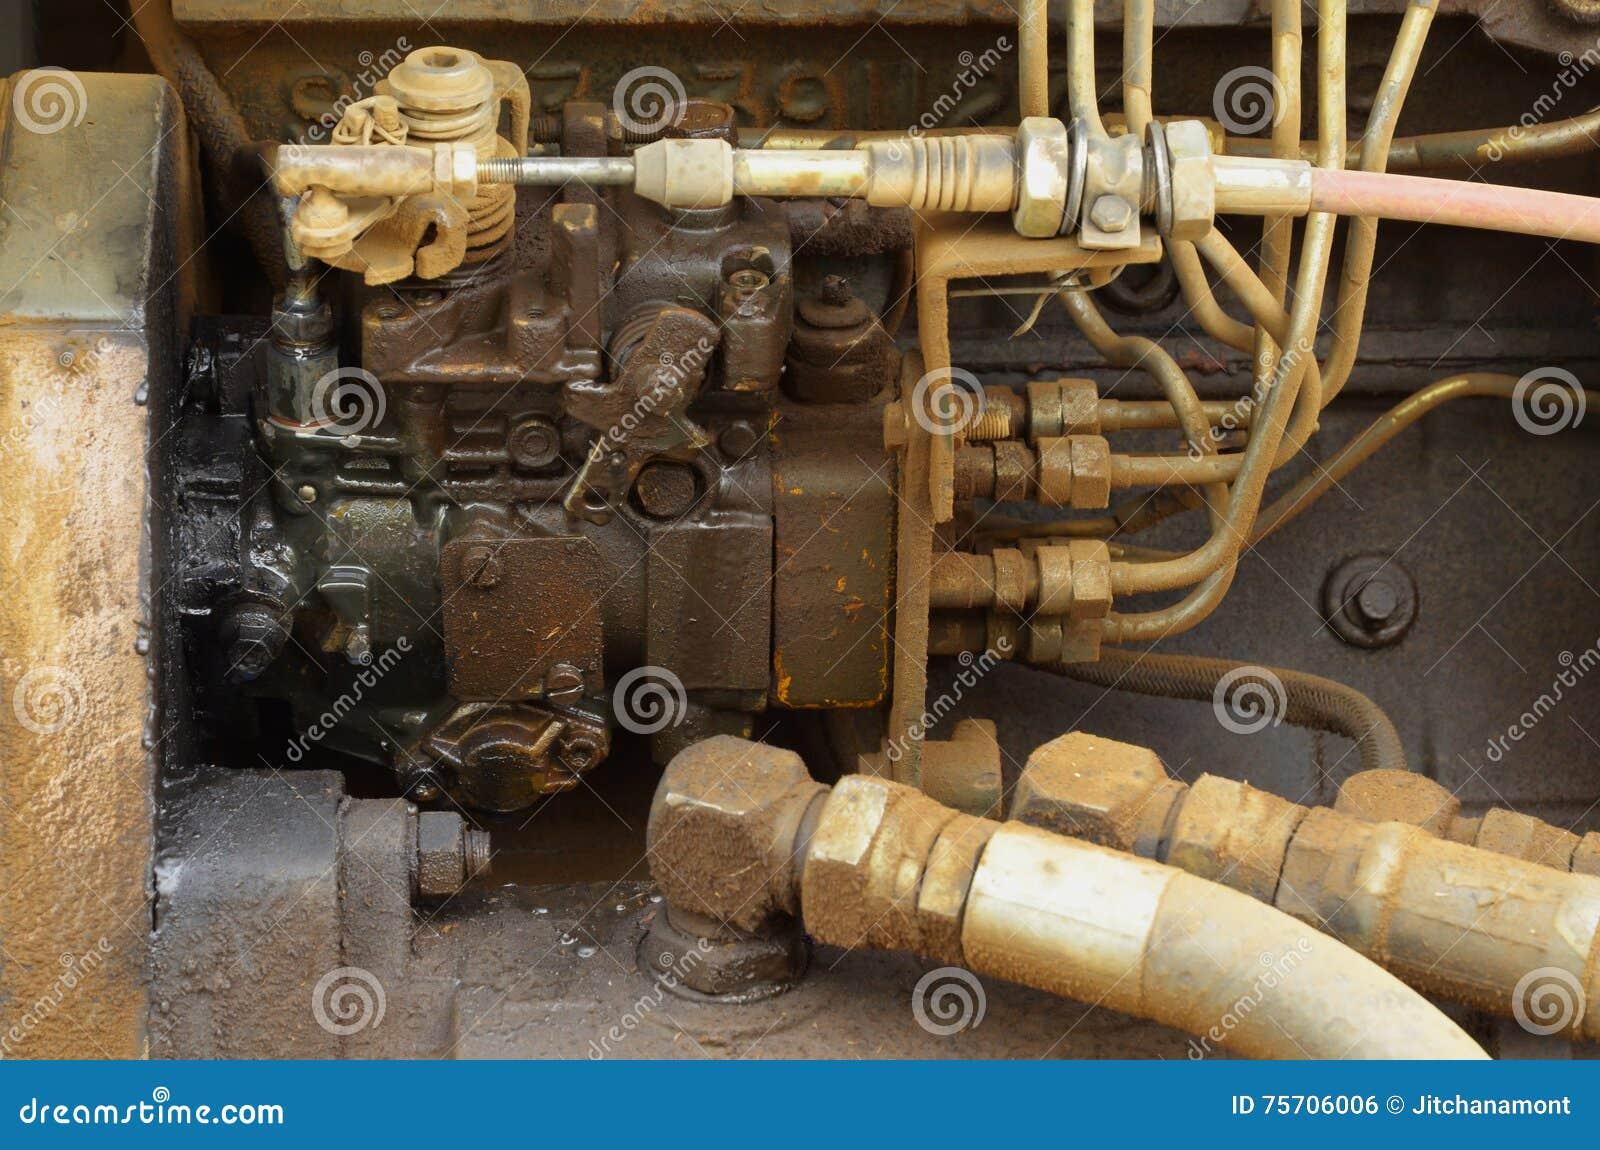 Oil leak royalty free stock photo for Motor oil for older cars